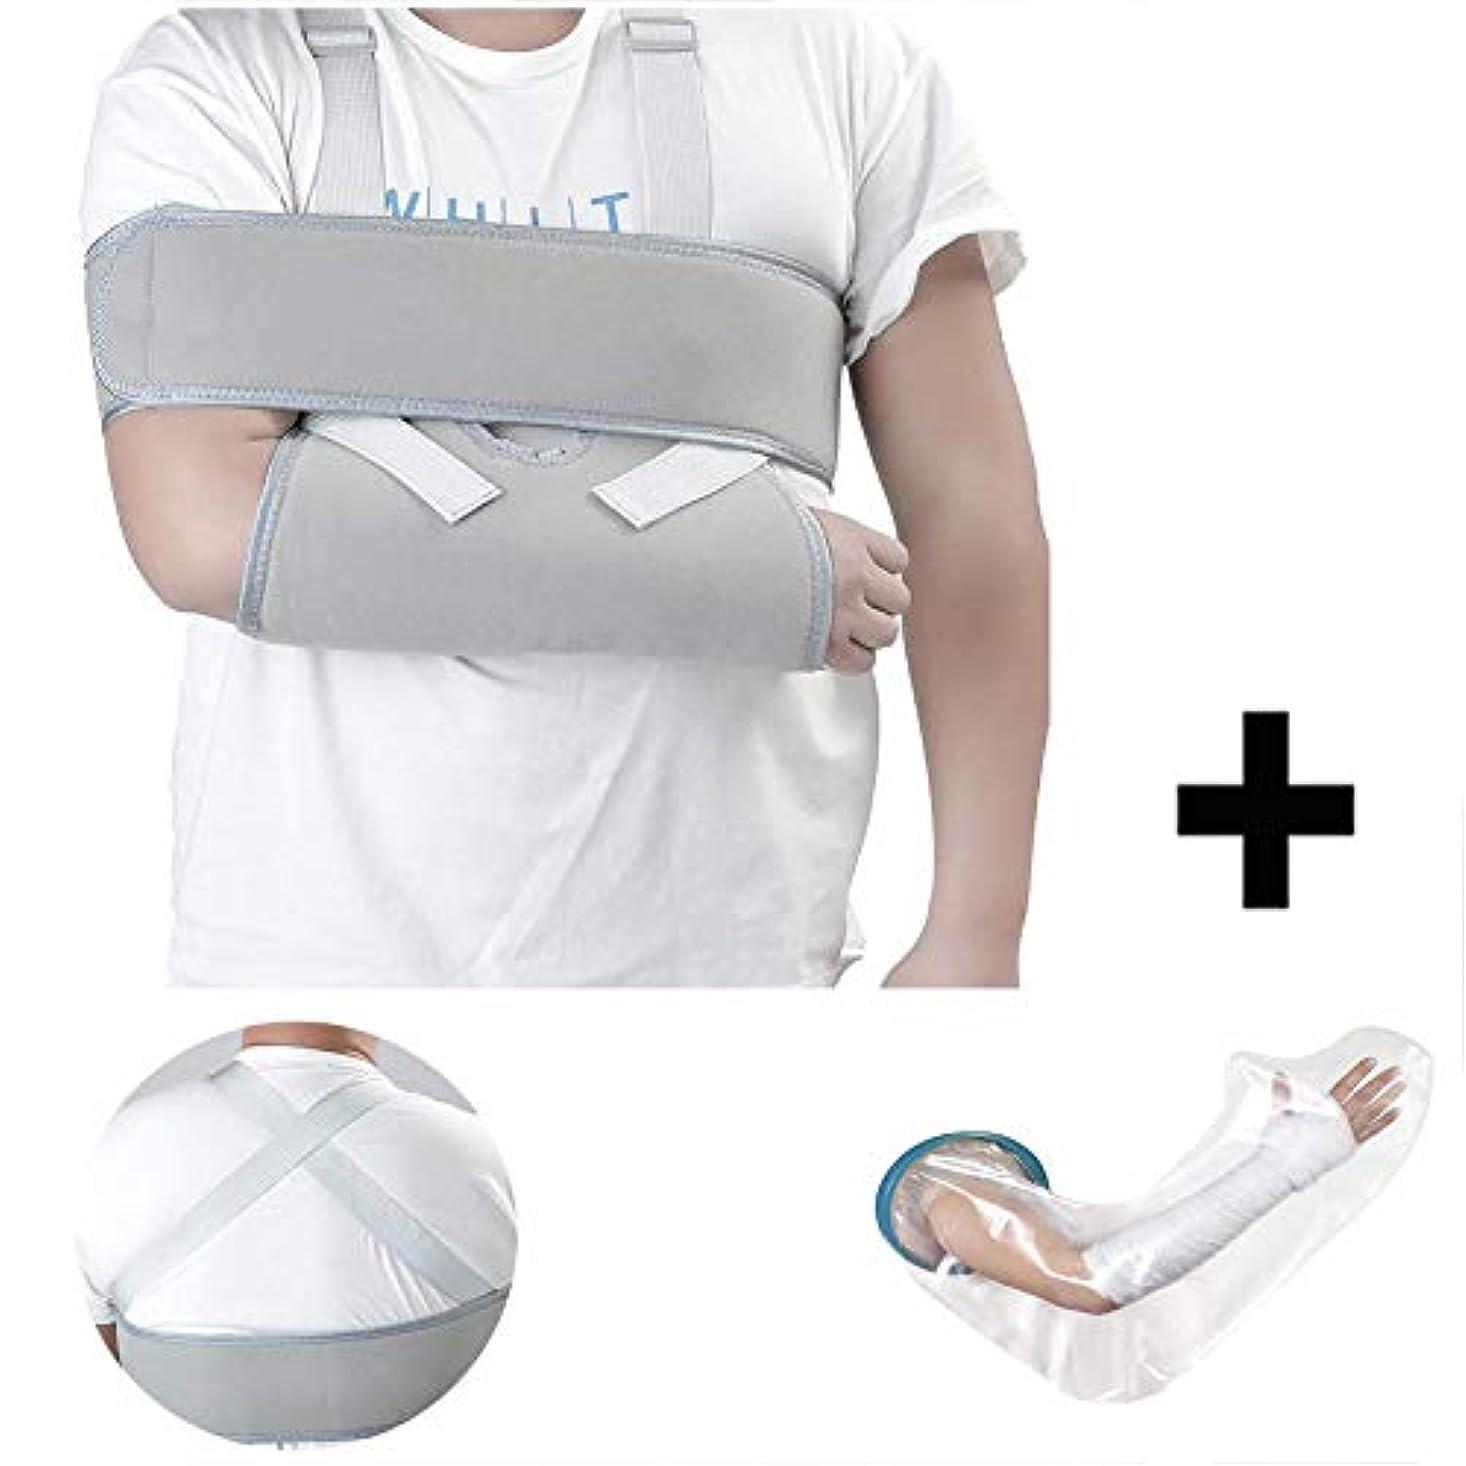 同級生葉を拾う許される医療用アームスリング、ショルダーイモビライザー人間工学に基づいて調整可能なストラップ軽量アームスリング、防水アームキャストカバー付き